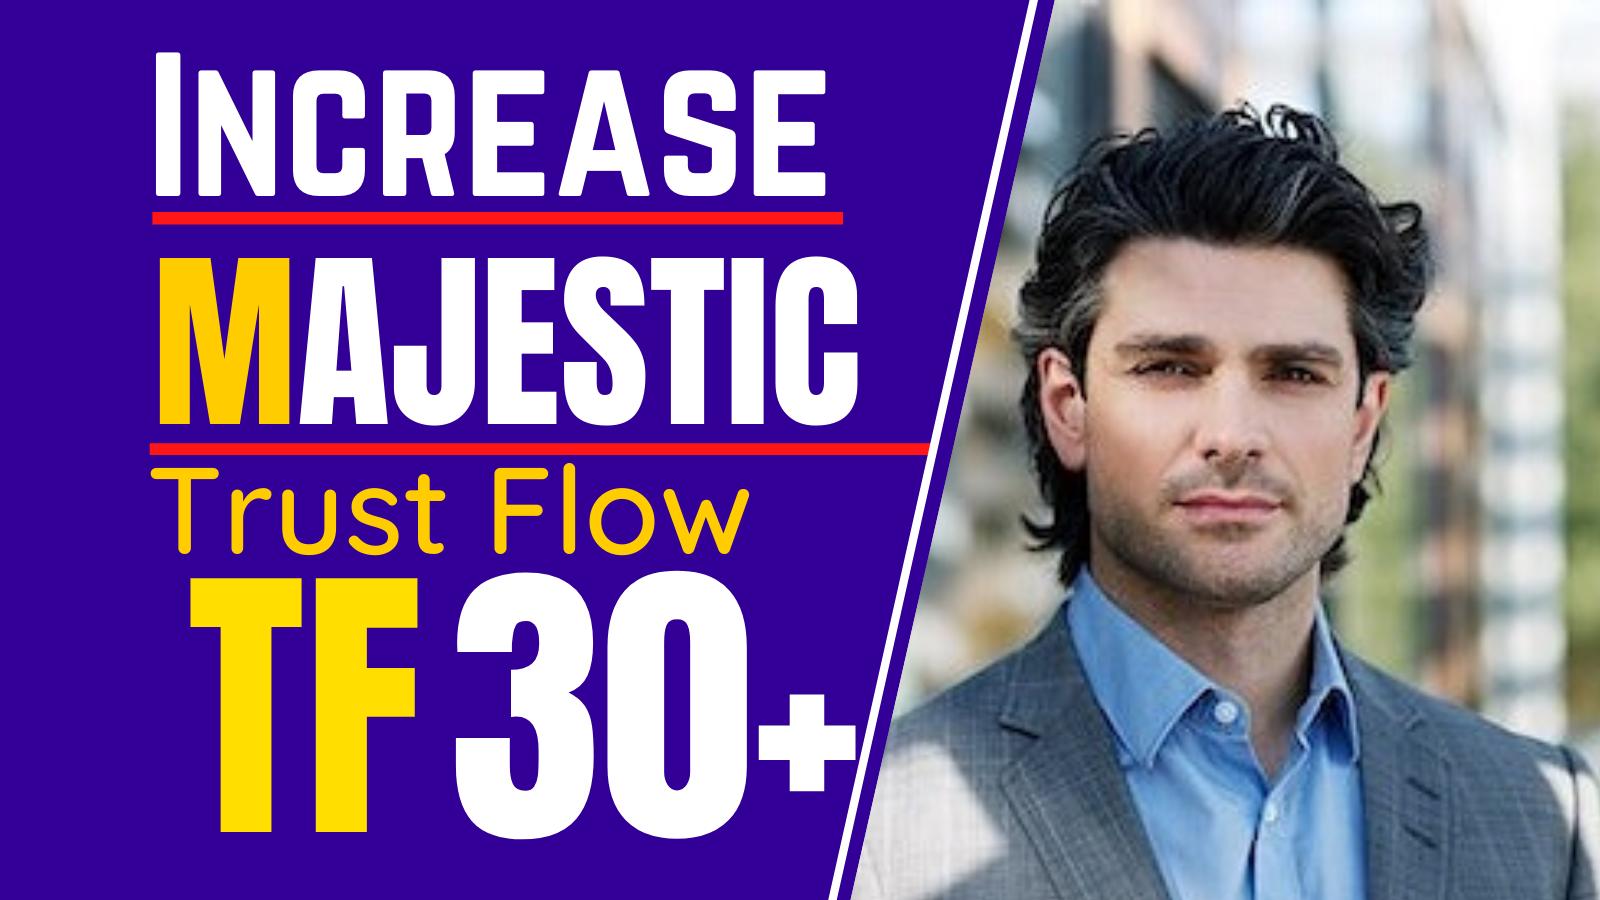 I will increase Trust Flow Increase Majestic TF 30 plus guaranteed